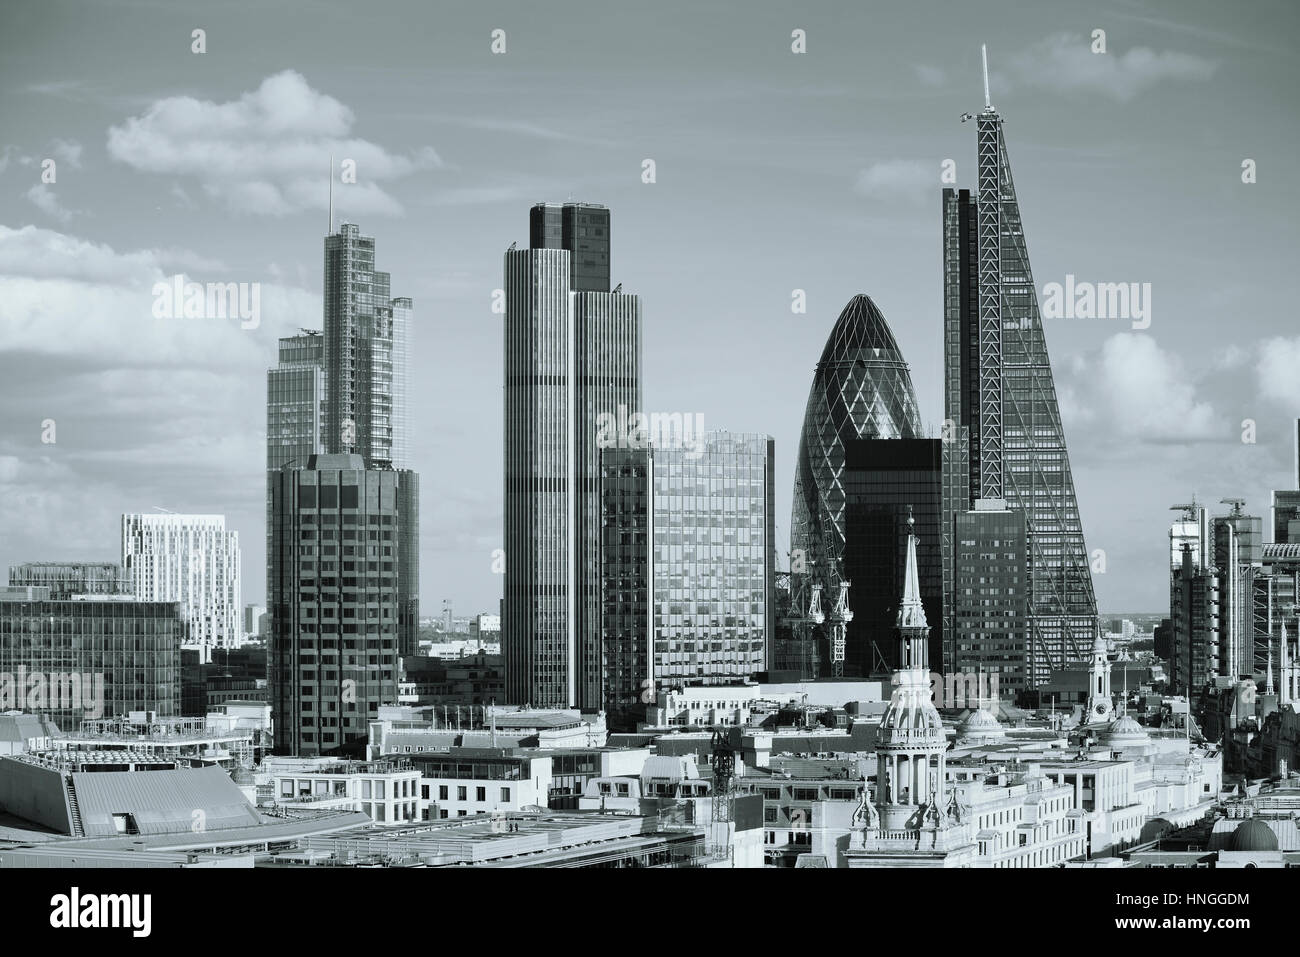 London auf dem Dach Stadtansicht mit städtischen Architekturen. Stockbild